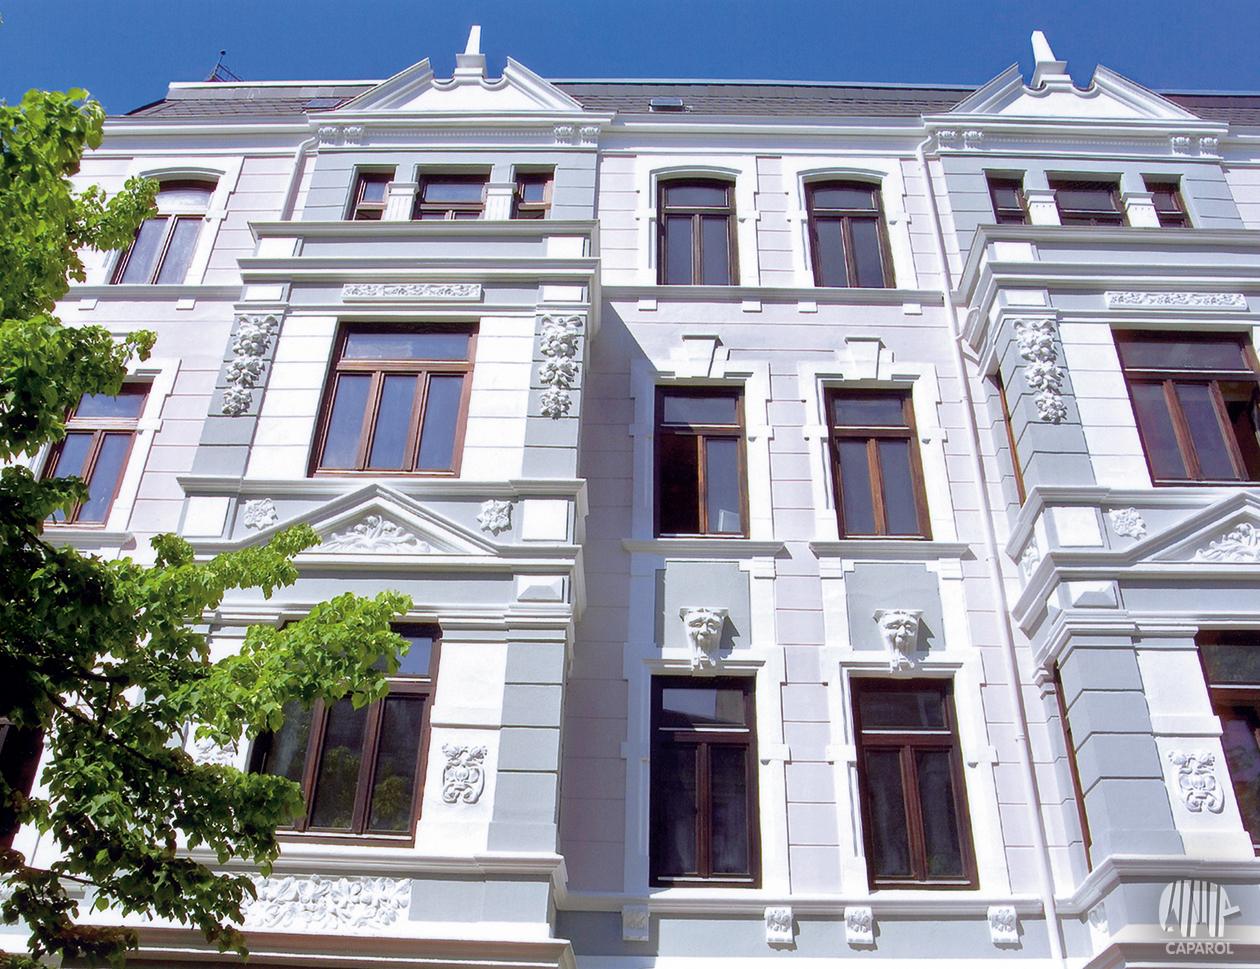 historische - fassade - bossensteine - silikat